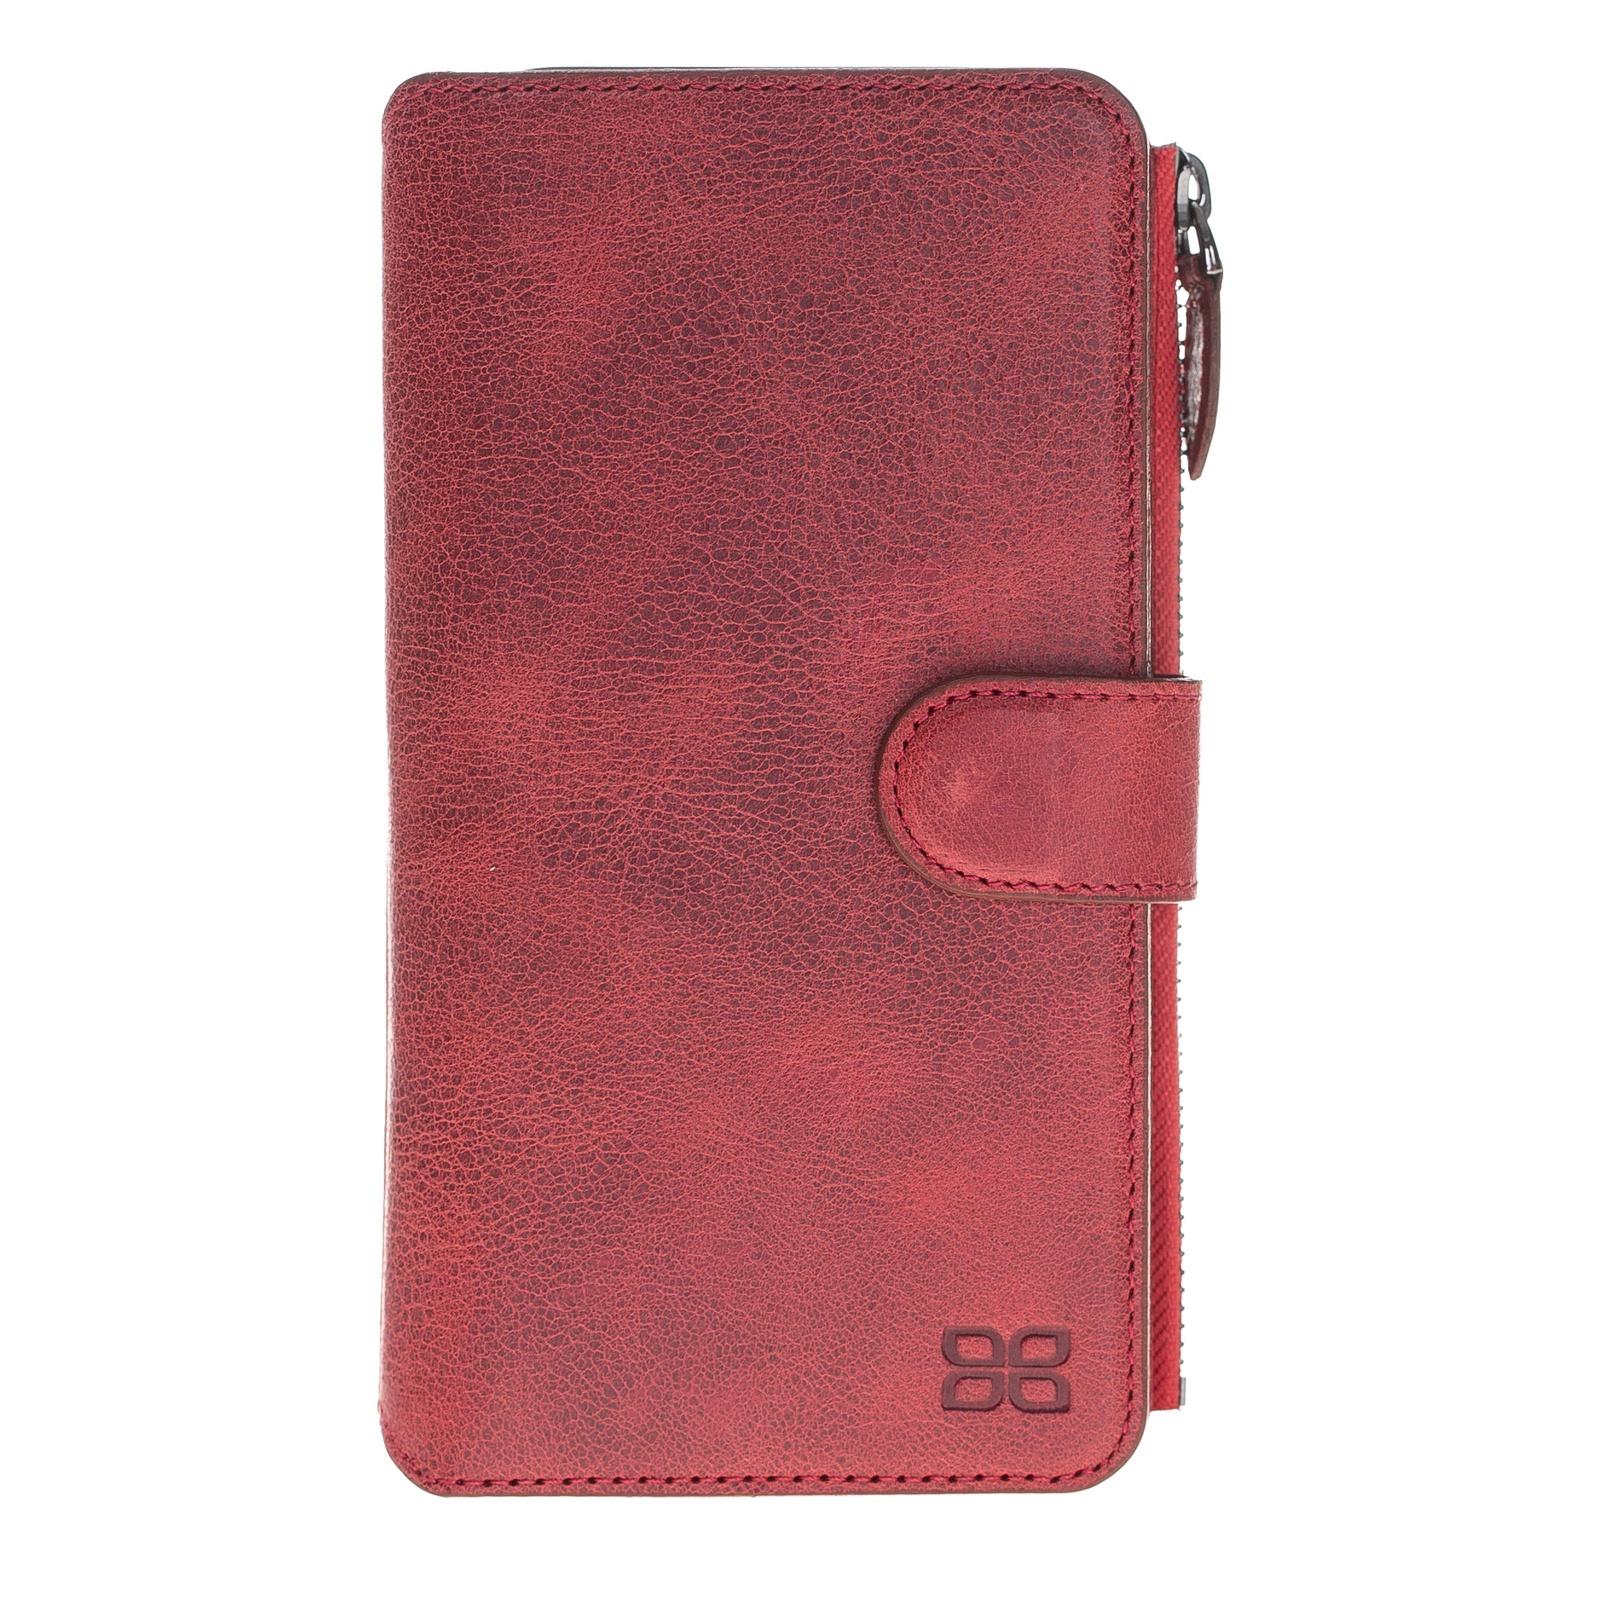 Чехол для сотового телефона Bouletta ZipX, бордовый